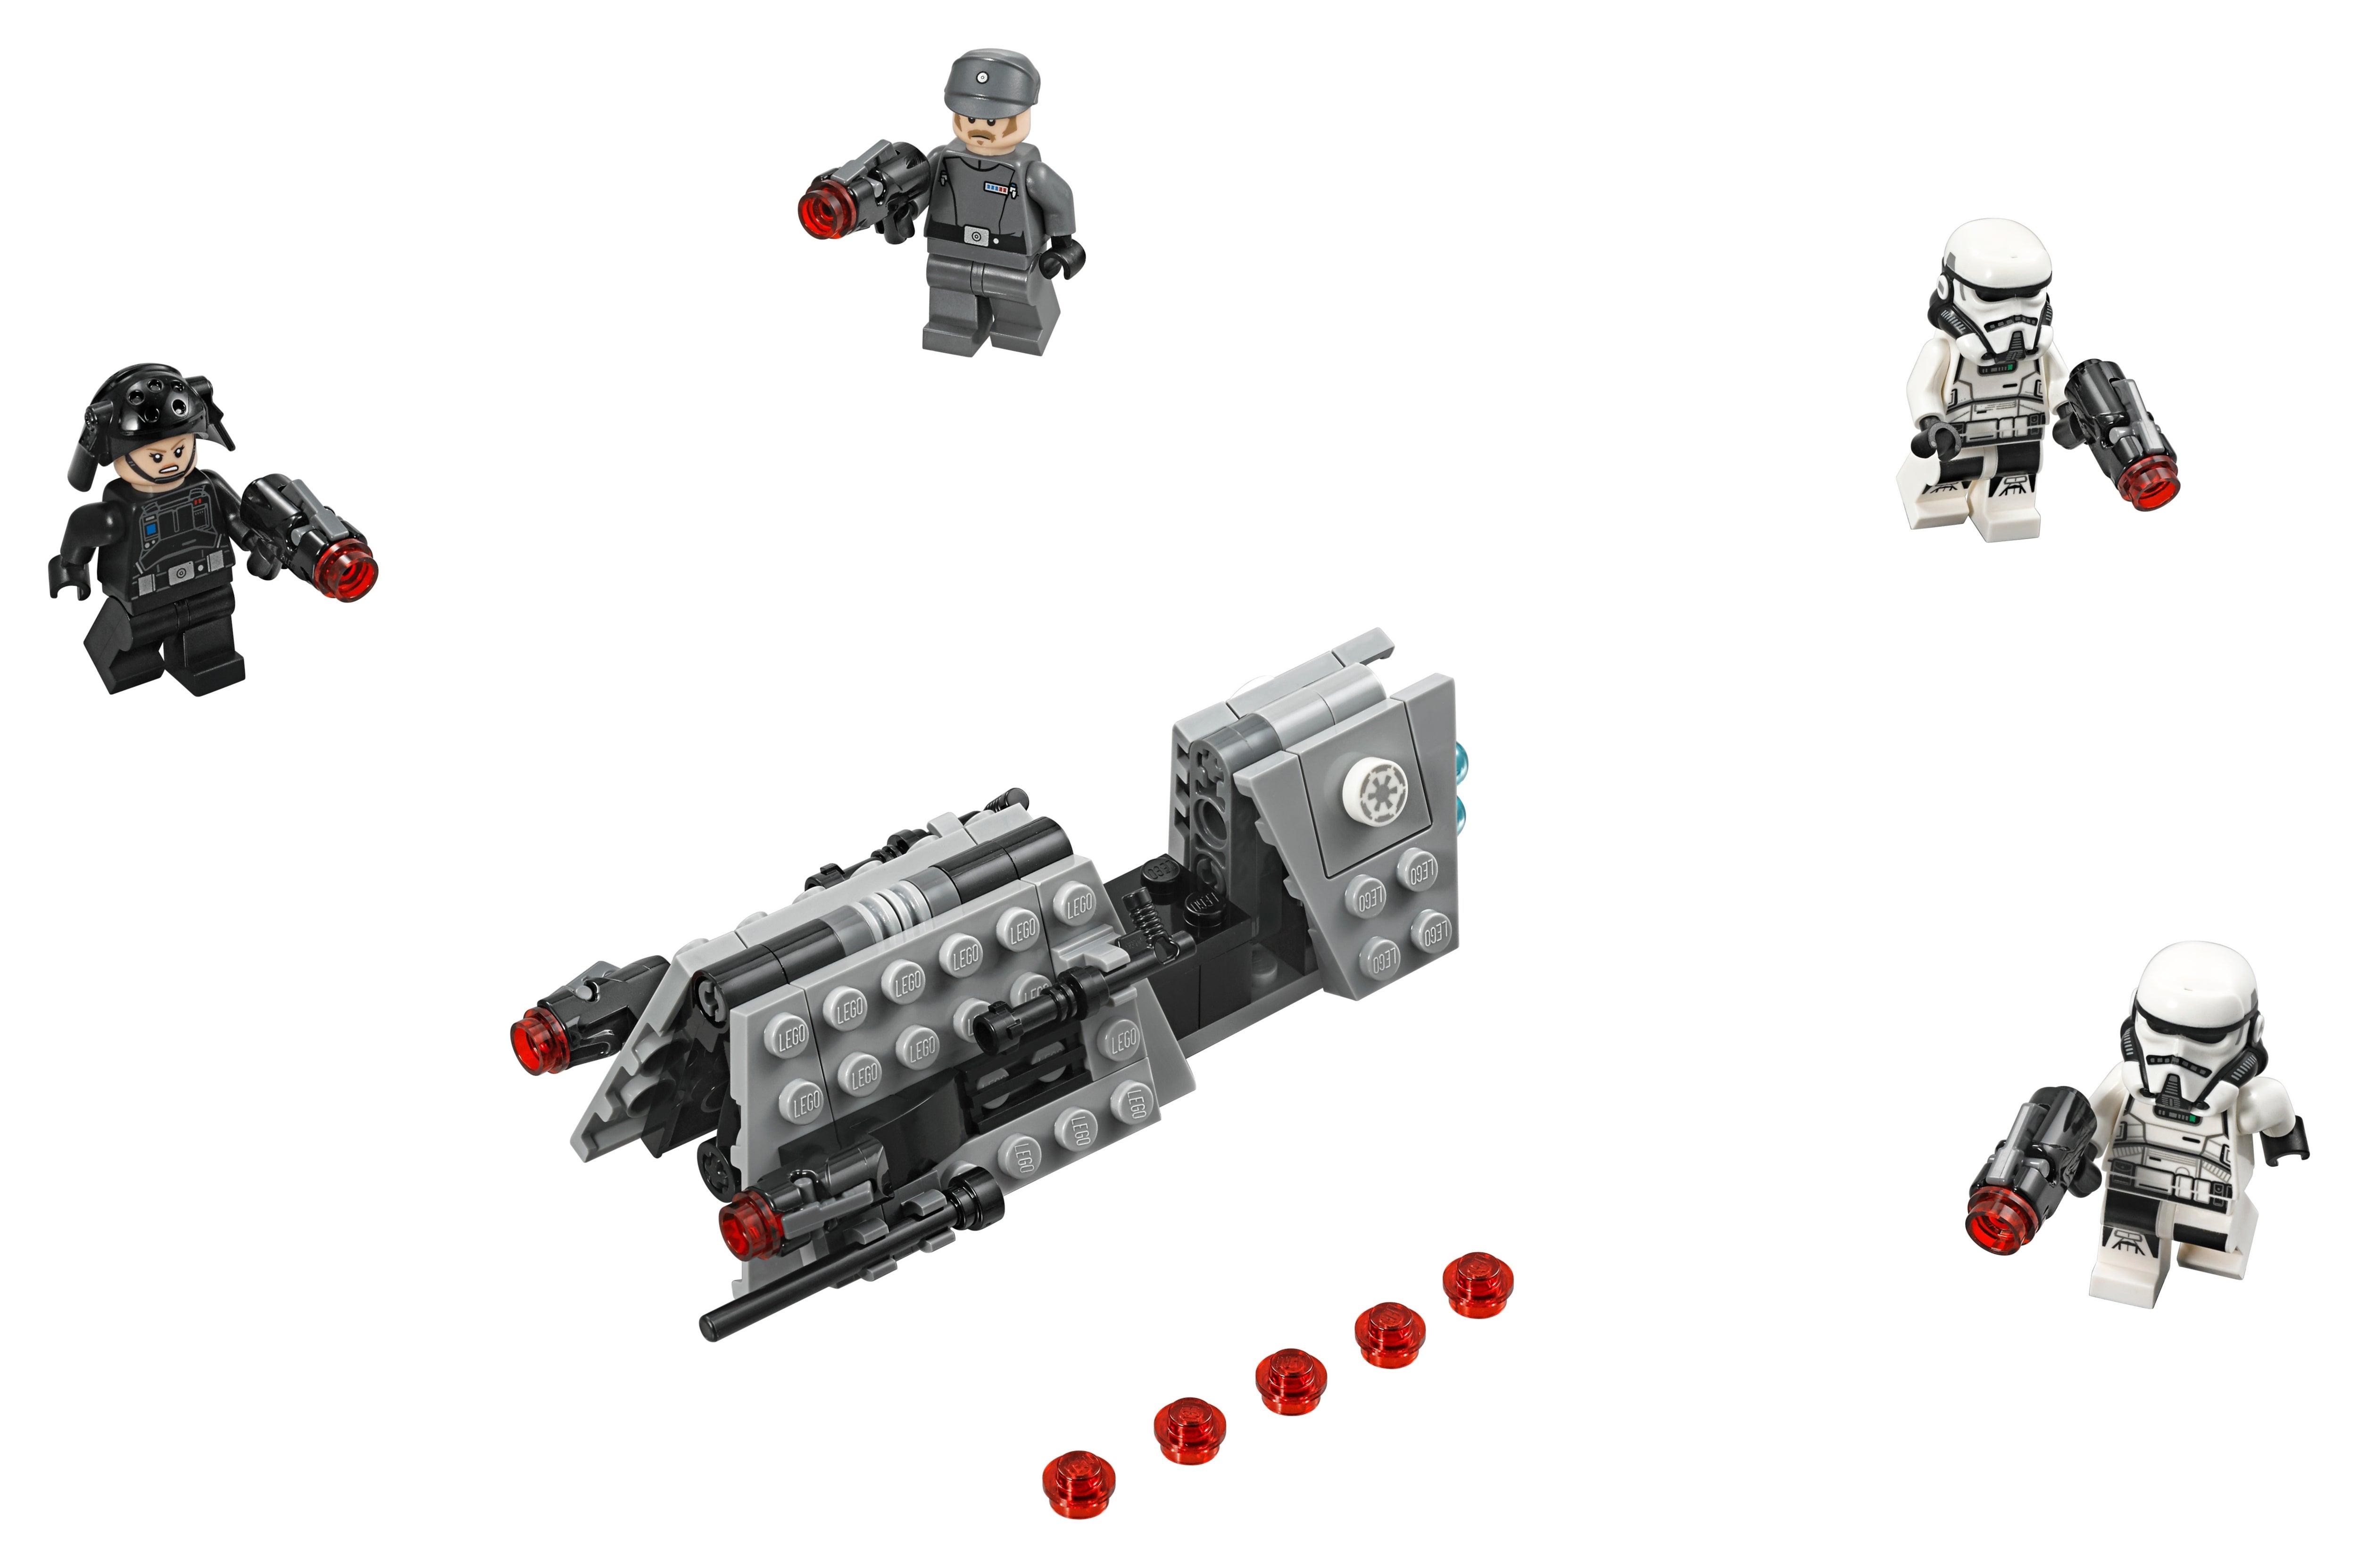 LEGO 75207 Star Wars Imperial Patrol Battle Pack New Imperial Patrol Trooper